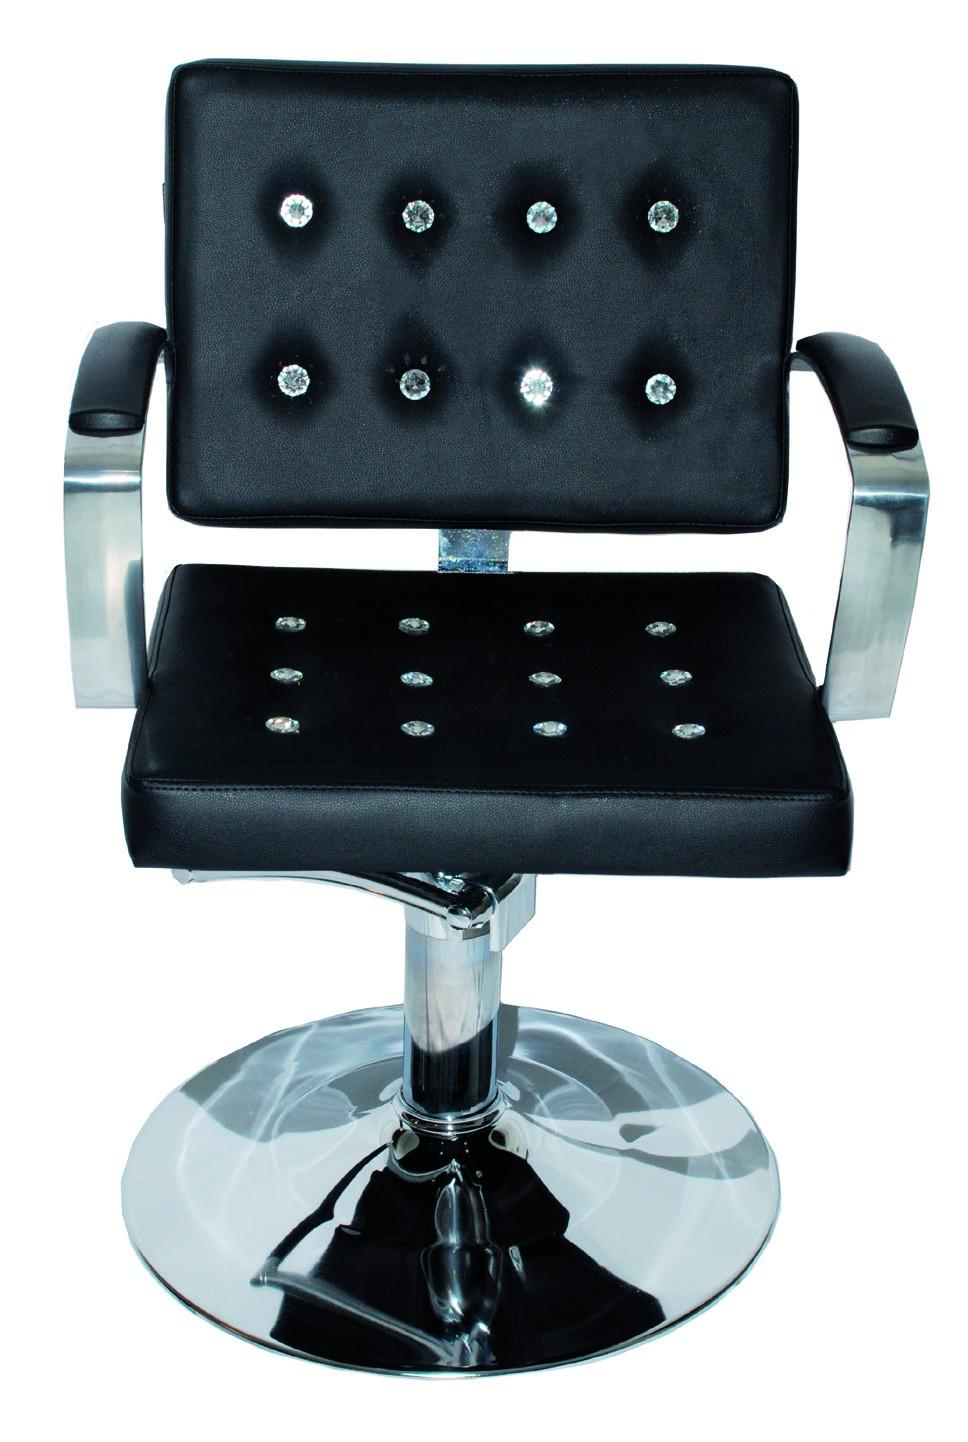 """כיסא לקוח הידראולי דגם 6500. בוכנה גבוהה. אחריות שנתיים על הבוכנה. מחיר לא כולל מע""""מ ולא כולל הובלה."""